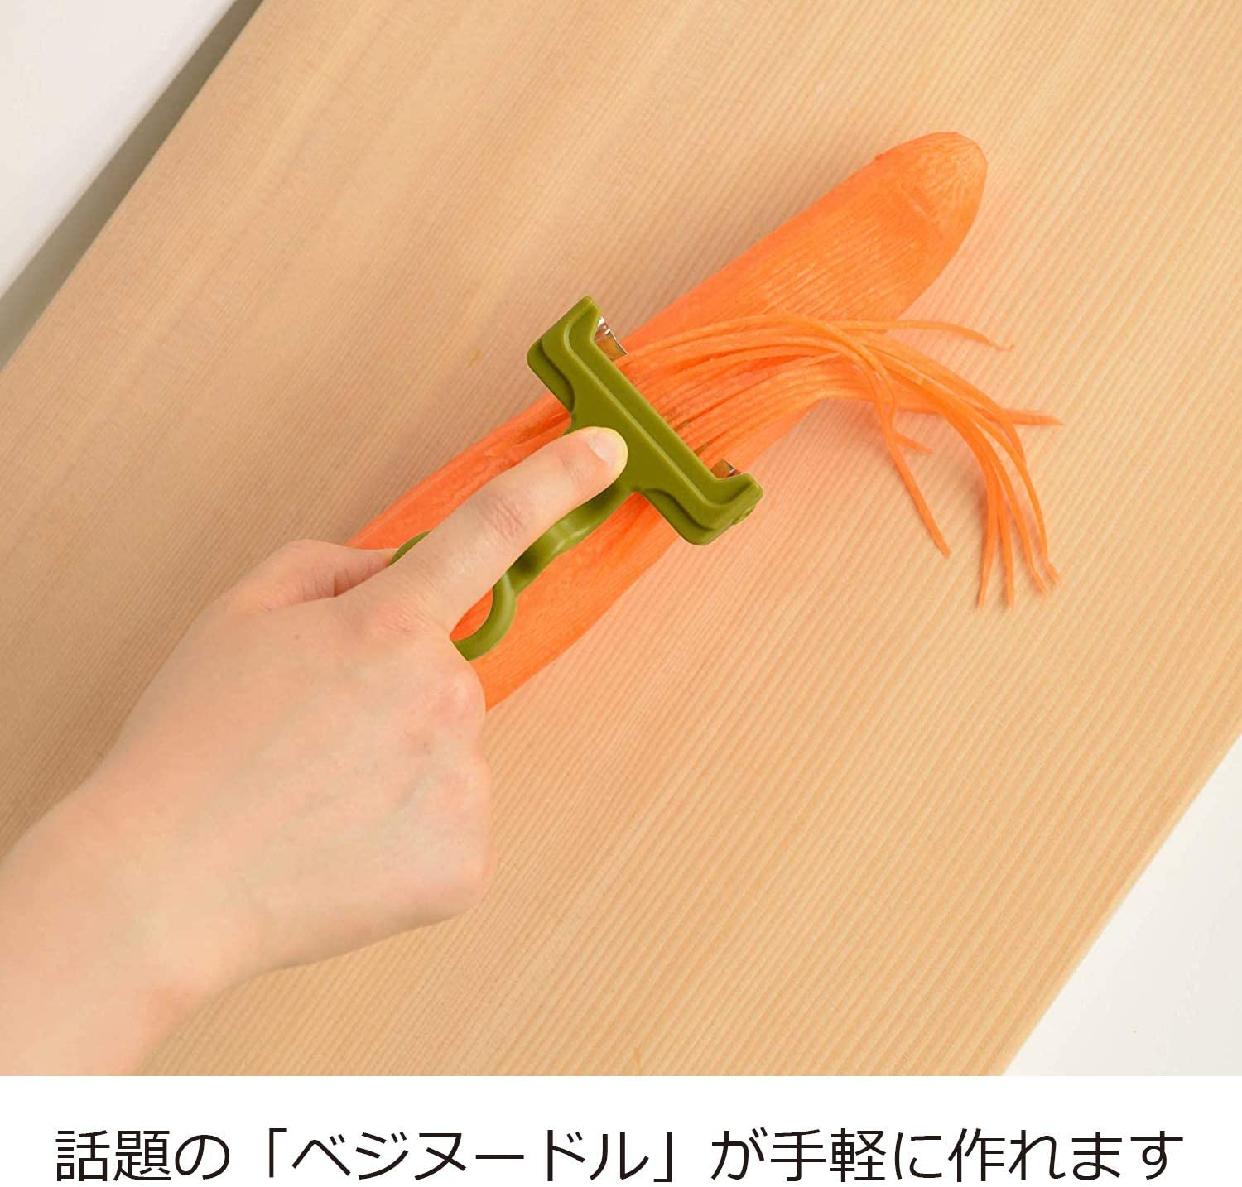 ののじ 糸そ〜めん削りの商品画像2